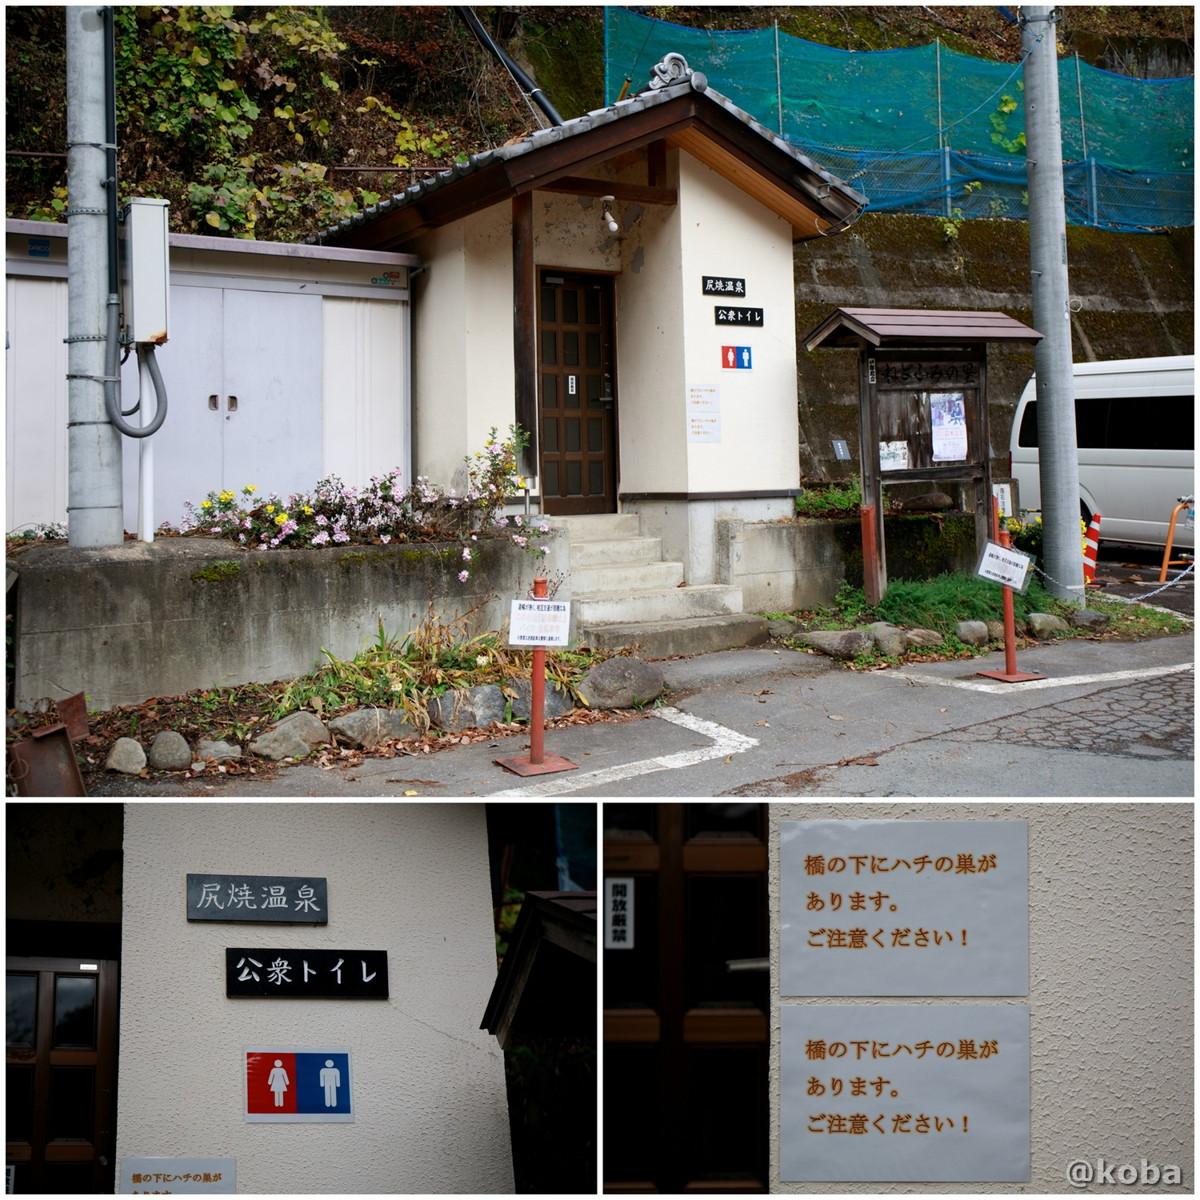 公衆トイレの写真│尻焼温泉(しりやきおんせん)川の湯 日帰り入浴│群馬県 ブログ